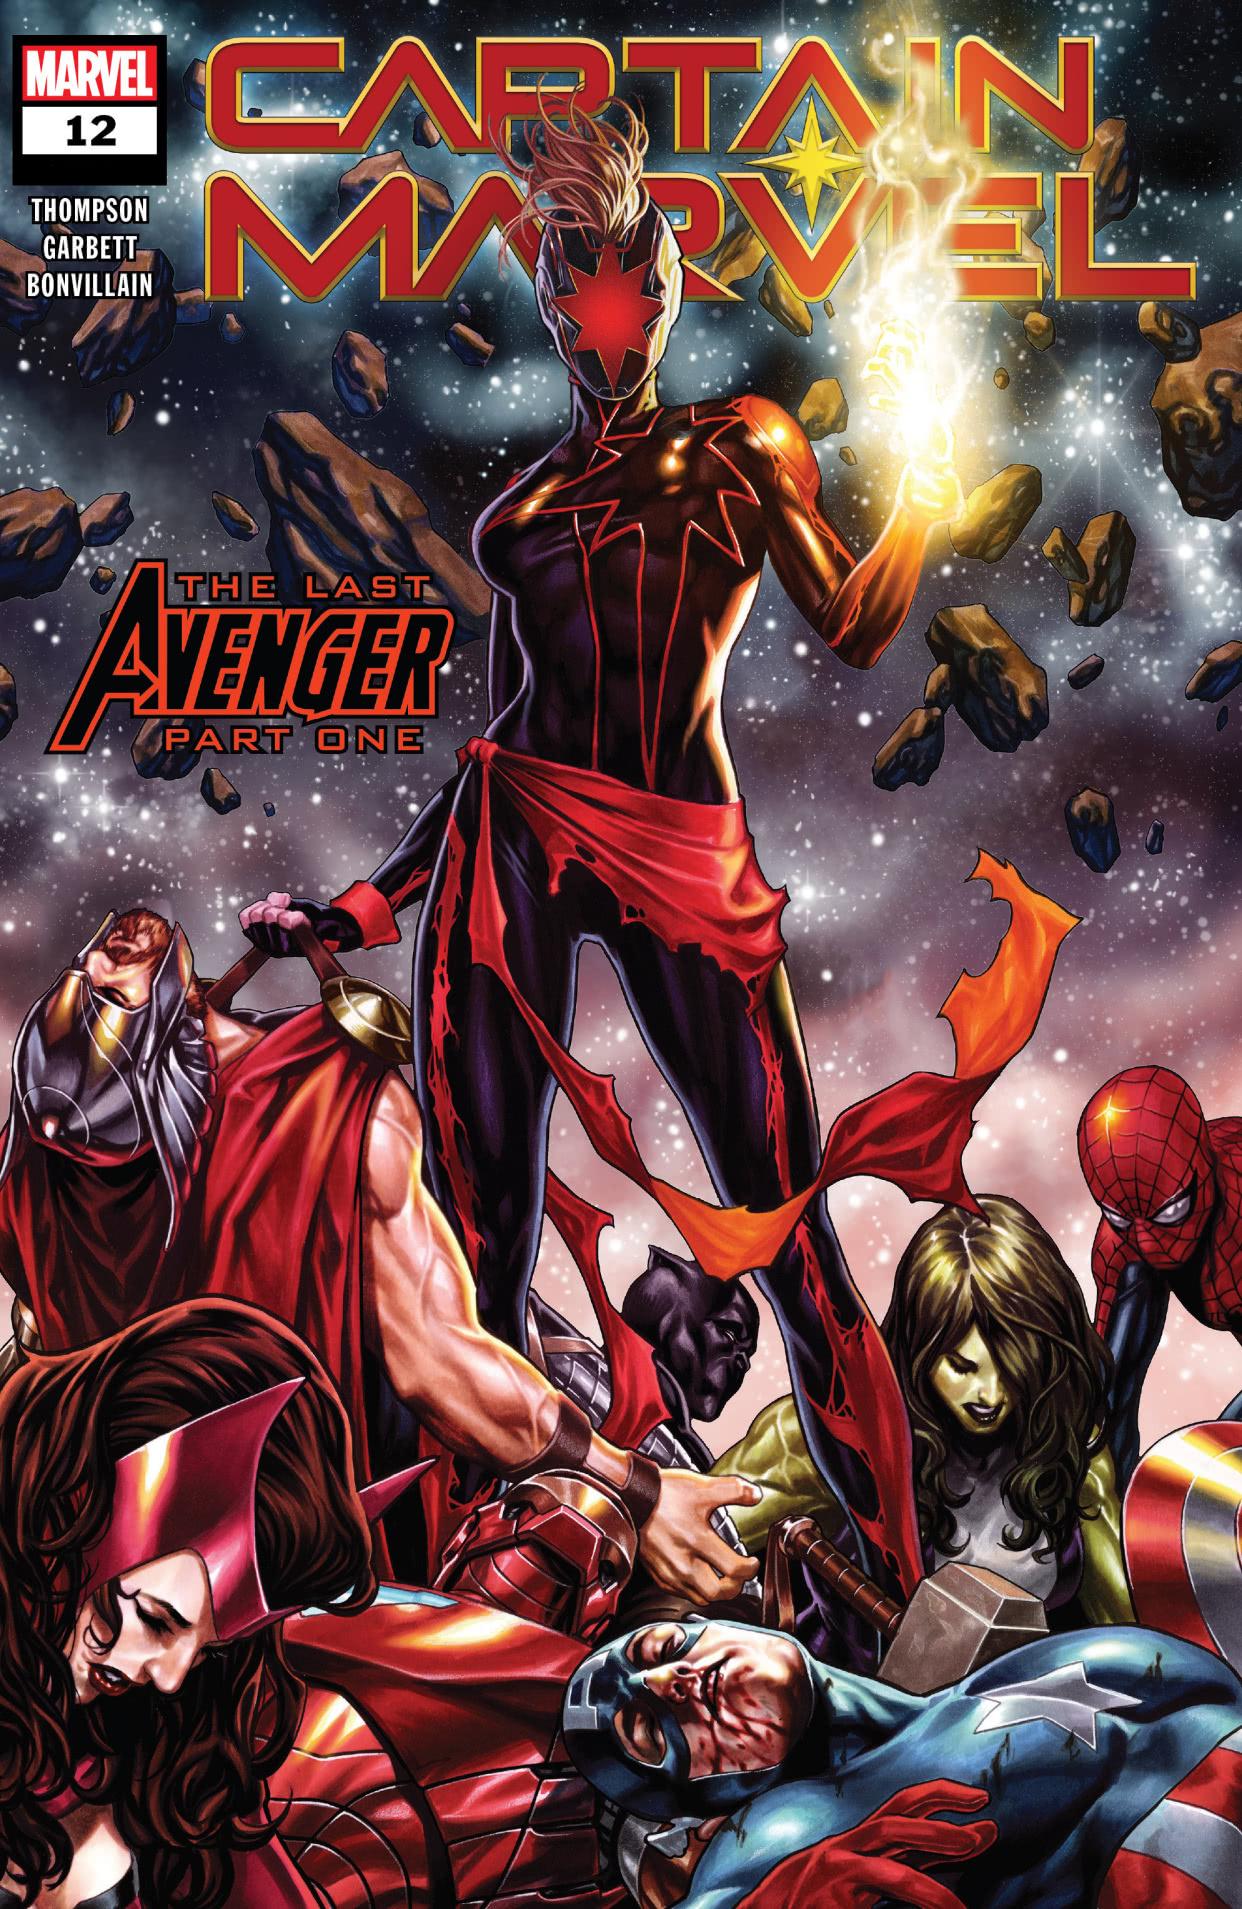 《惊奇队长》卡罗尔大战钢铁侠,复仇者联盟又开始内斗了